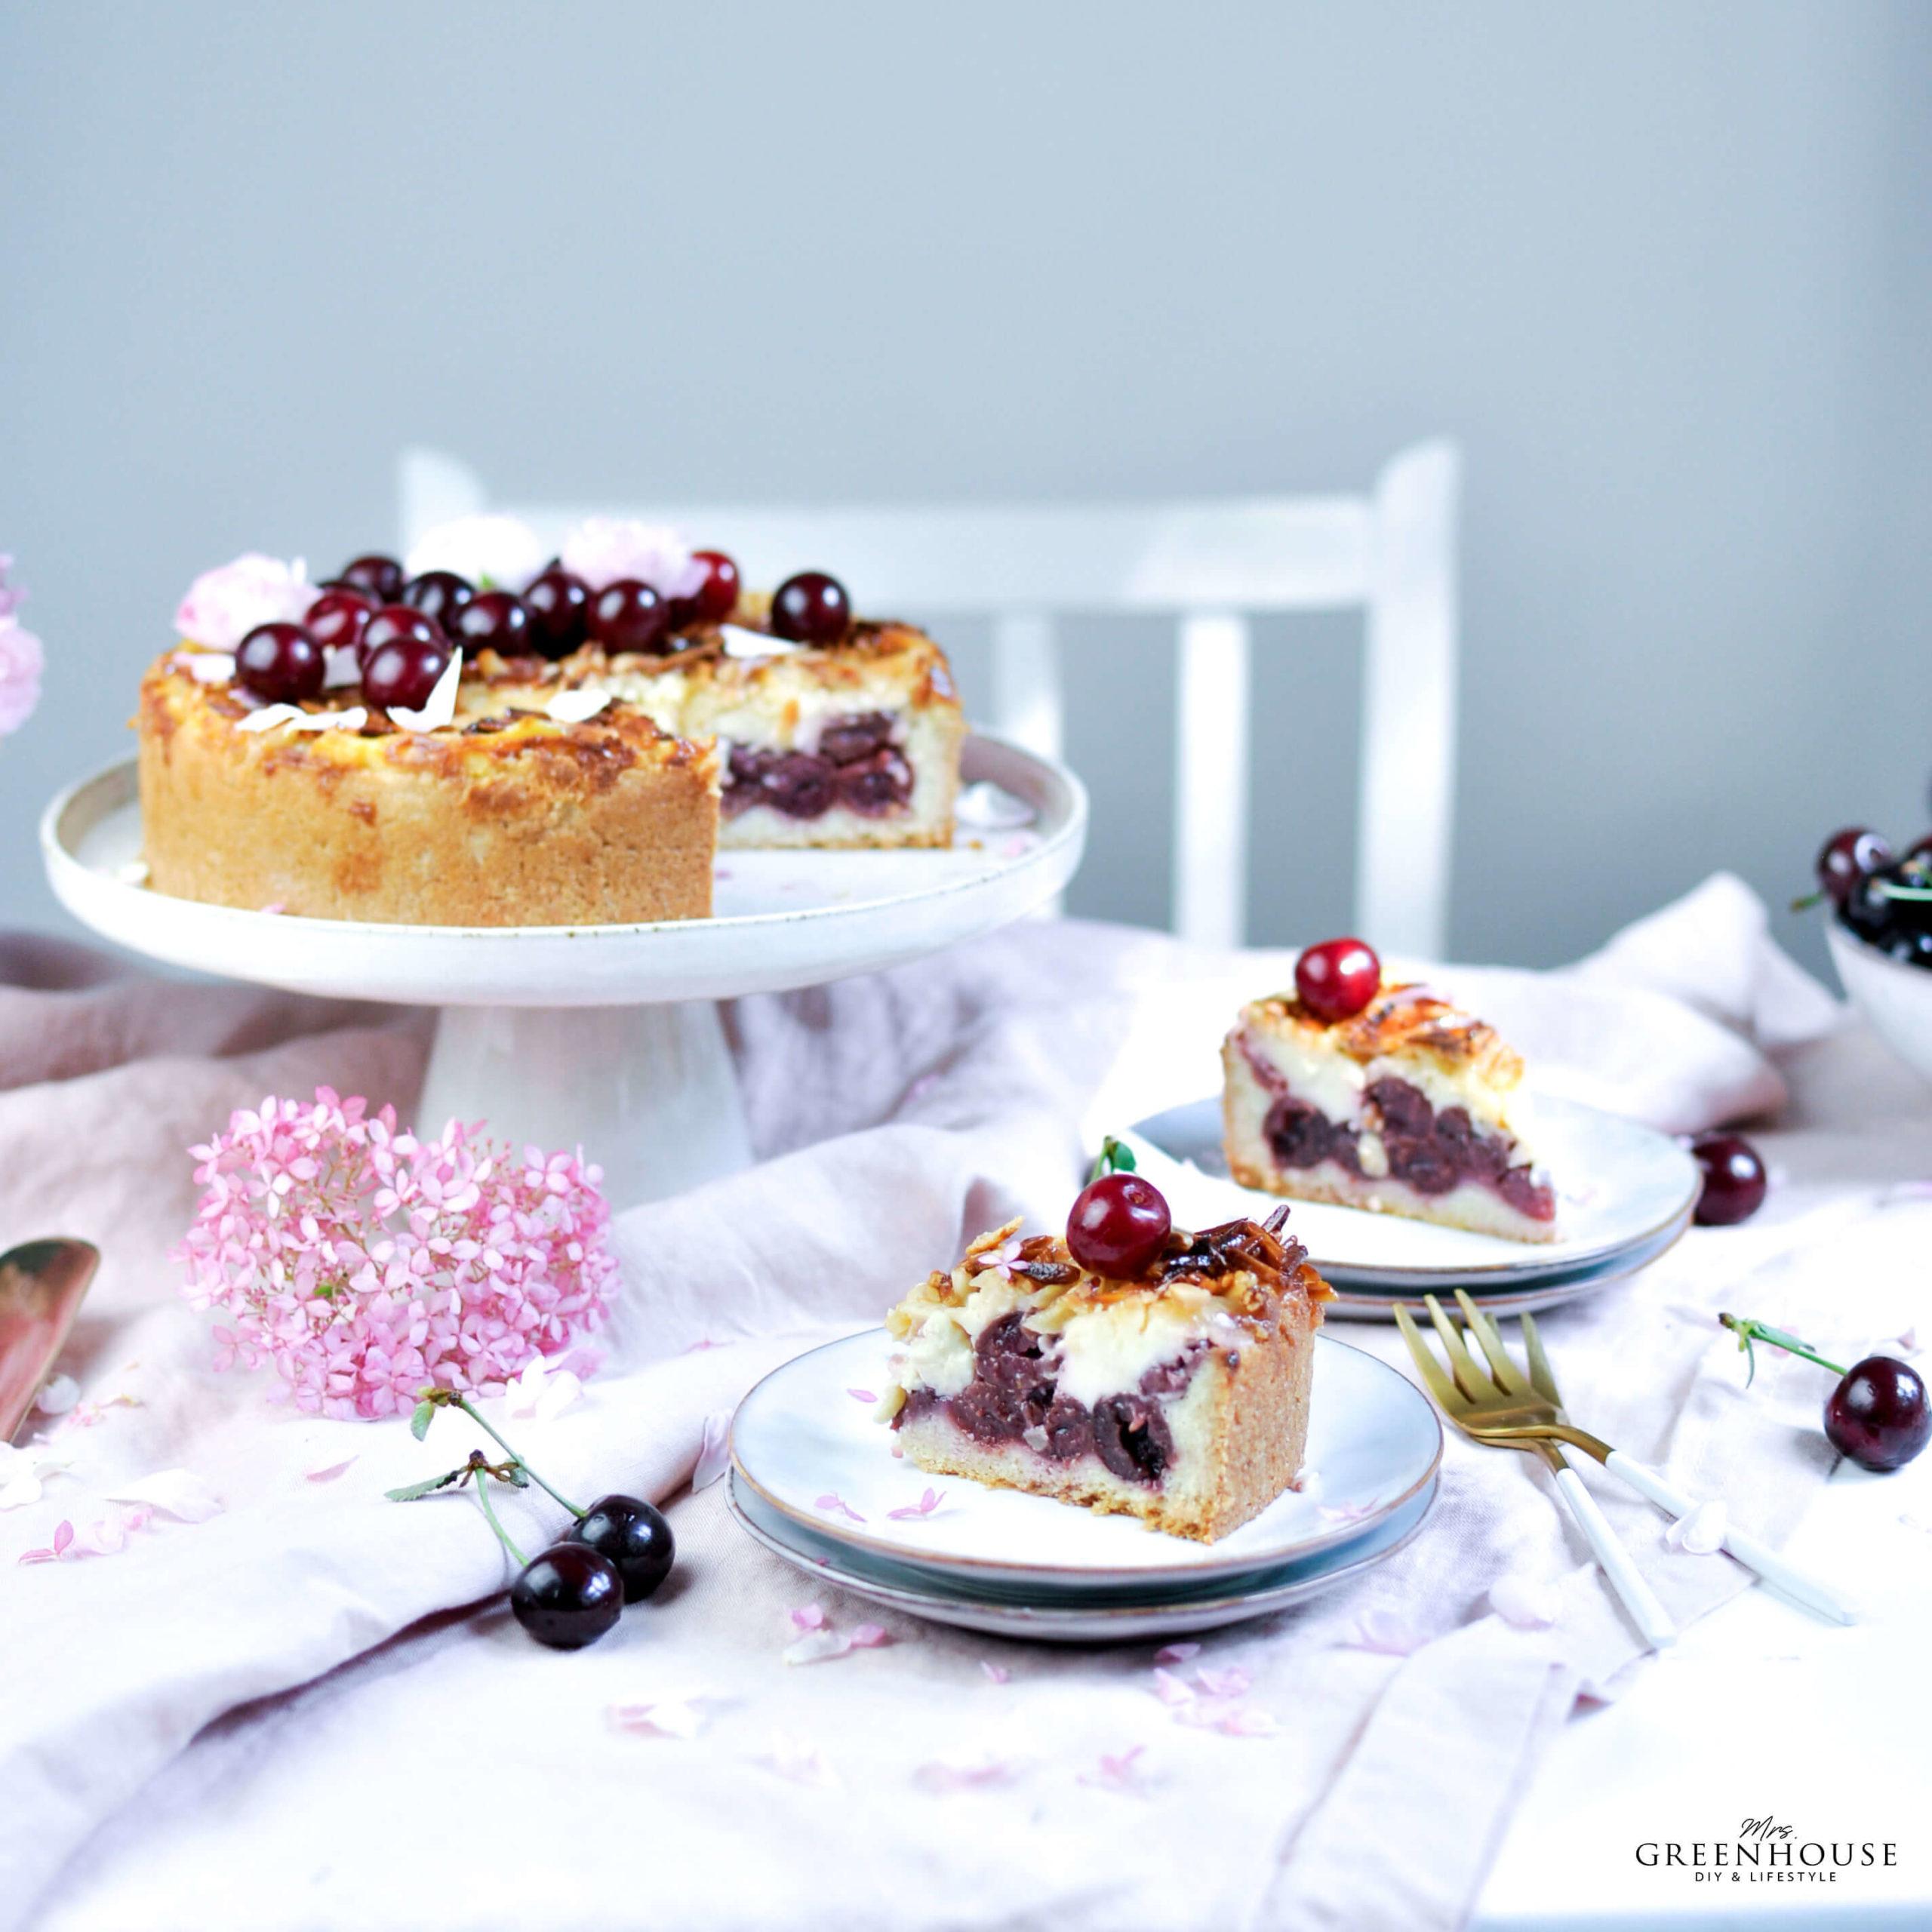 Kischkuchen mit Pudding und Mandelsplittern